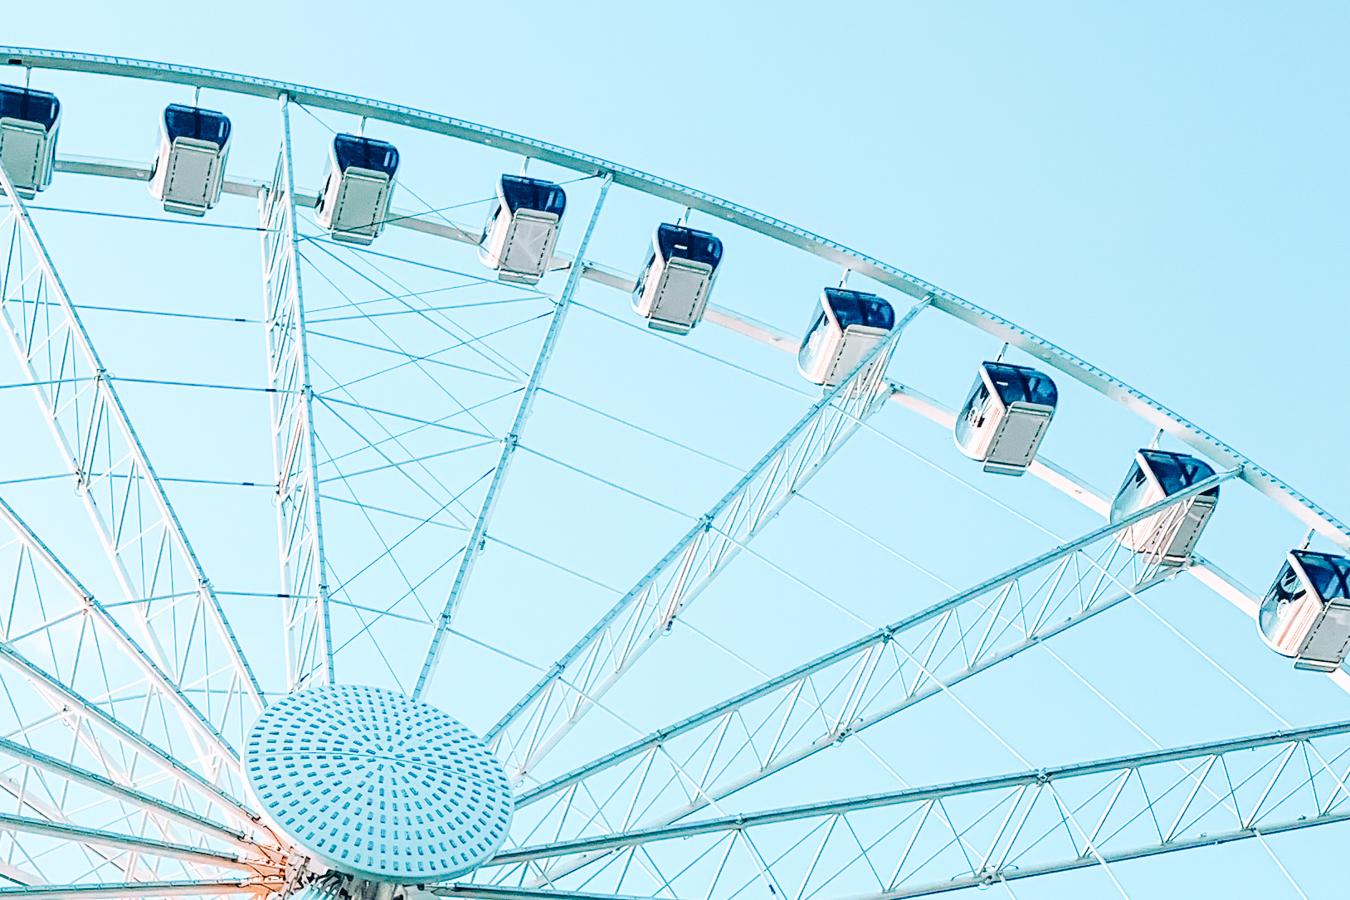 Instagrammable view of Ferris wheel in Seattle